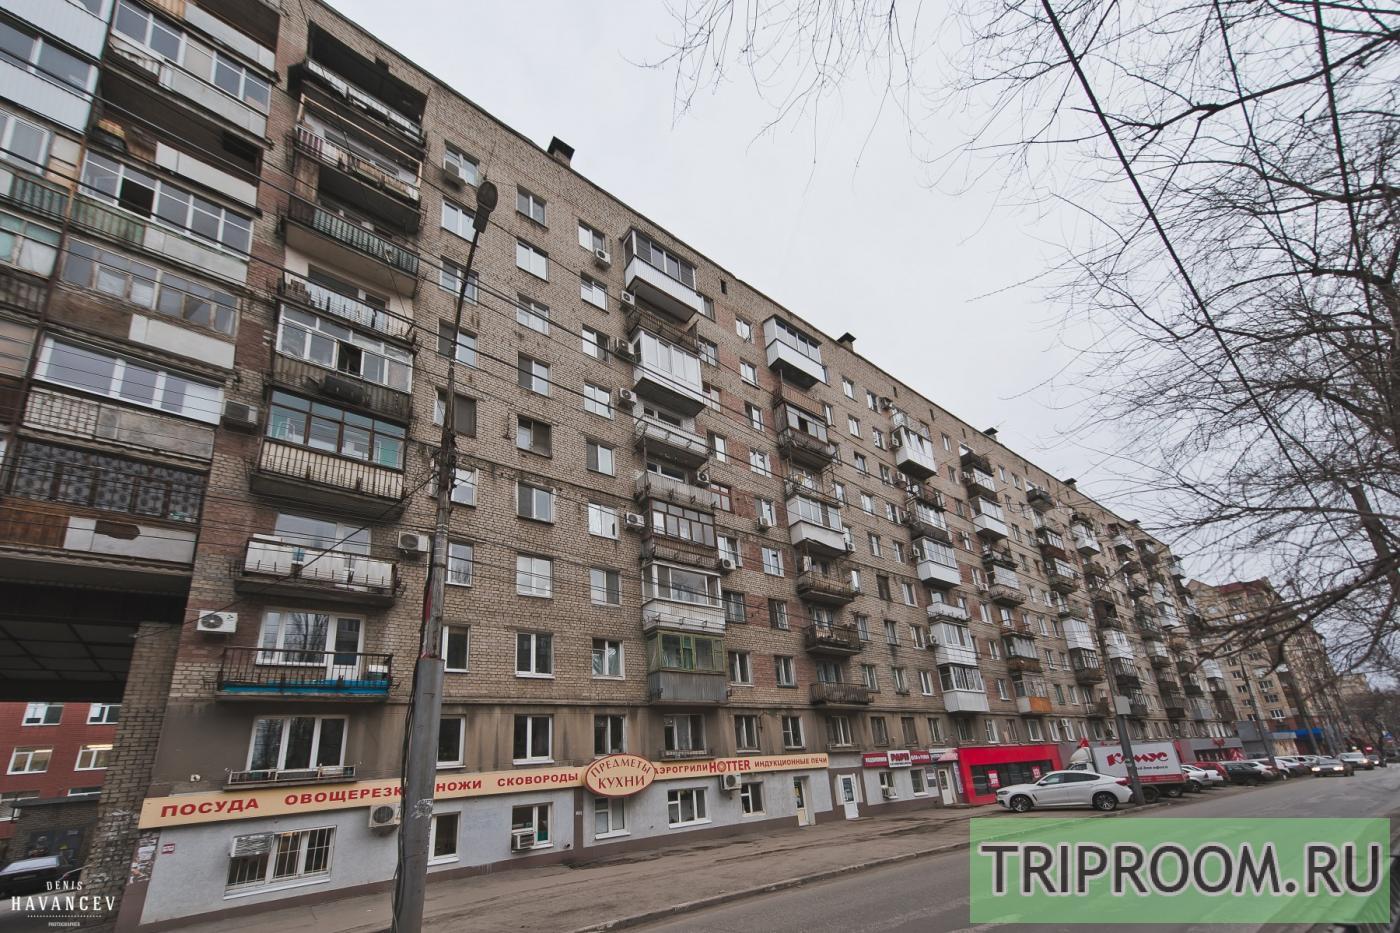 1-комнатная квартира посуточно (вариант № 14830), ул. Рахова улица, фото № 16